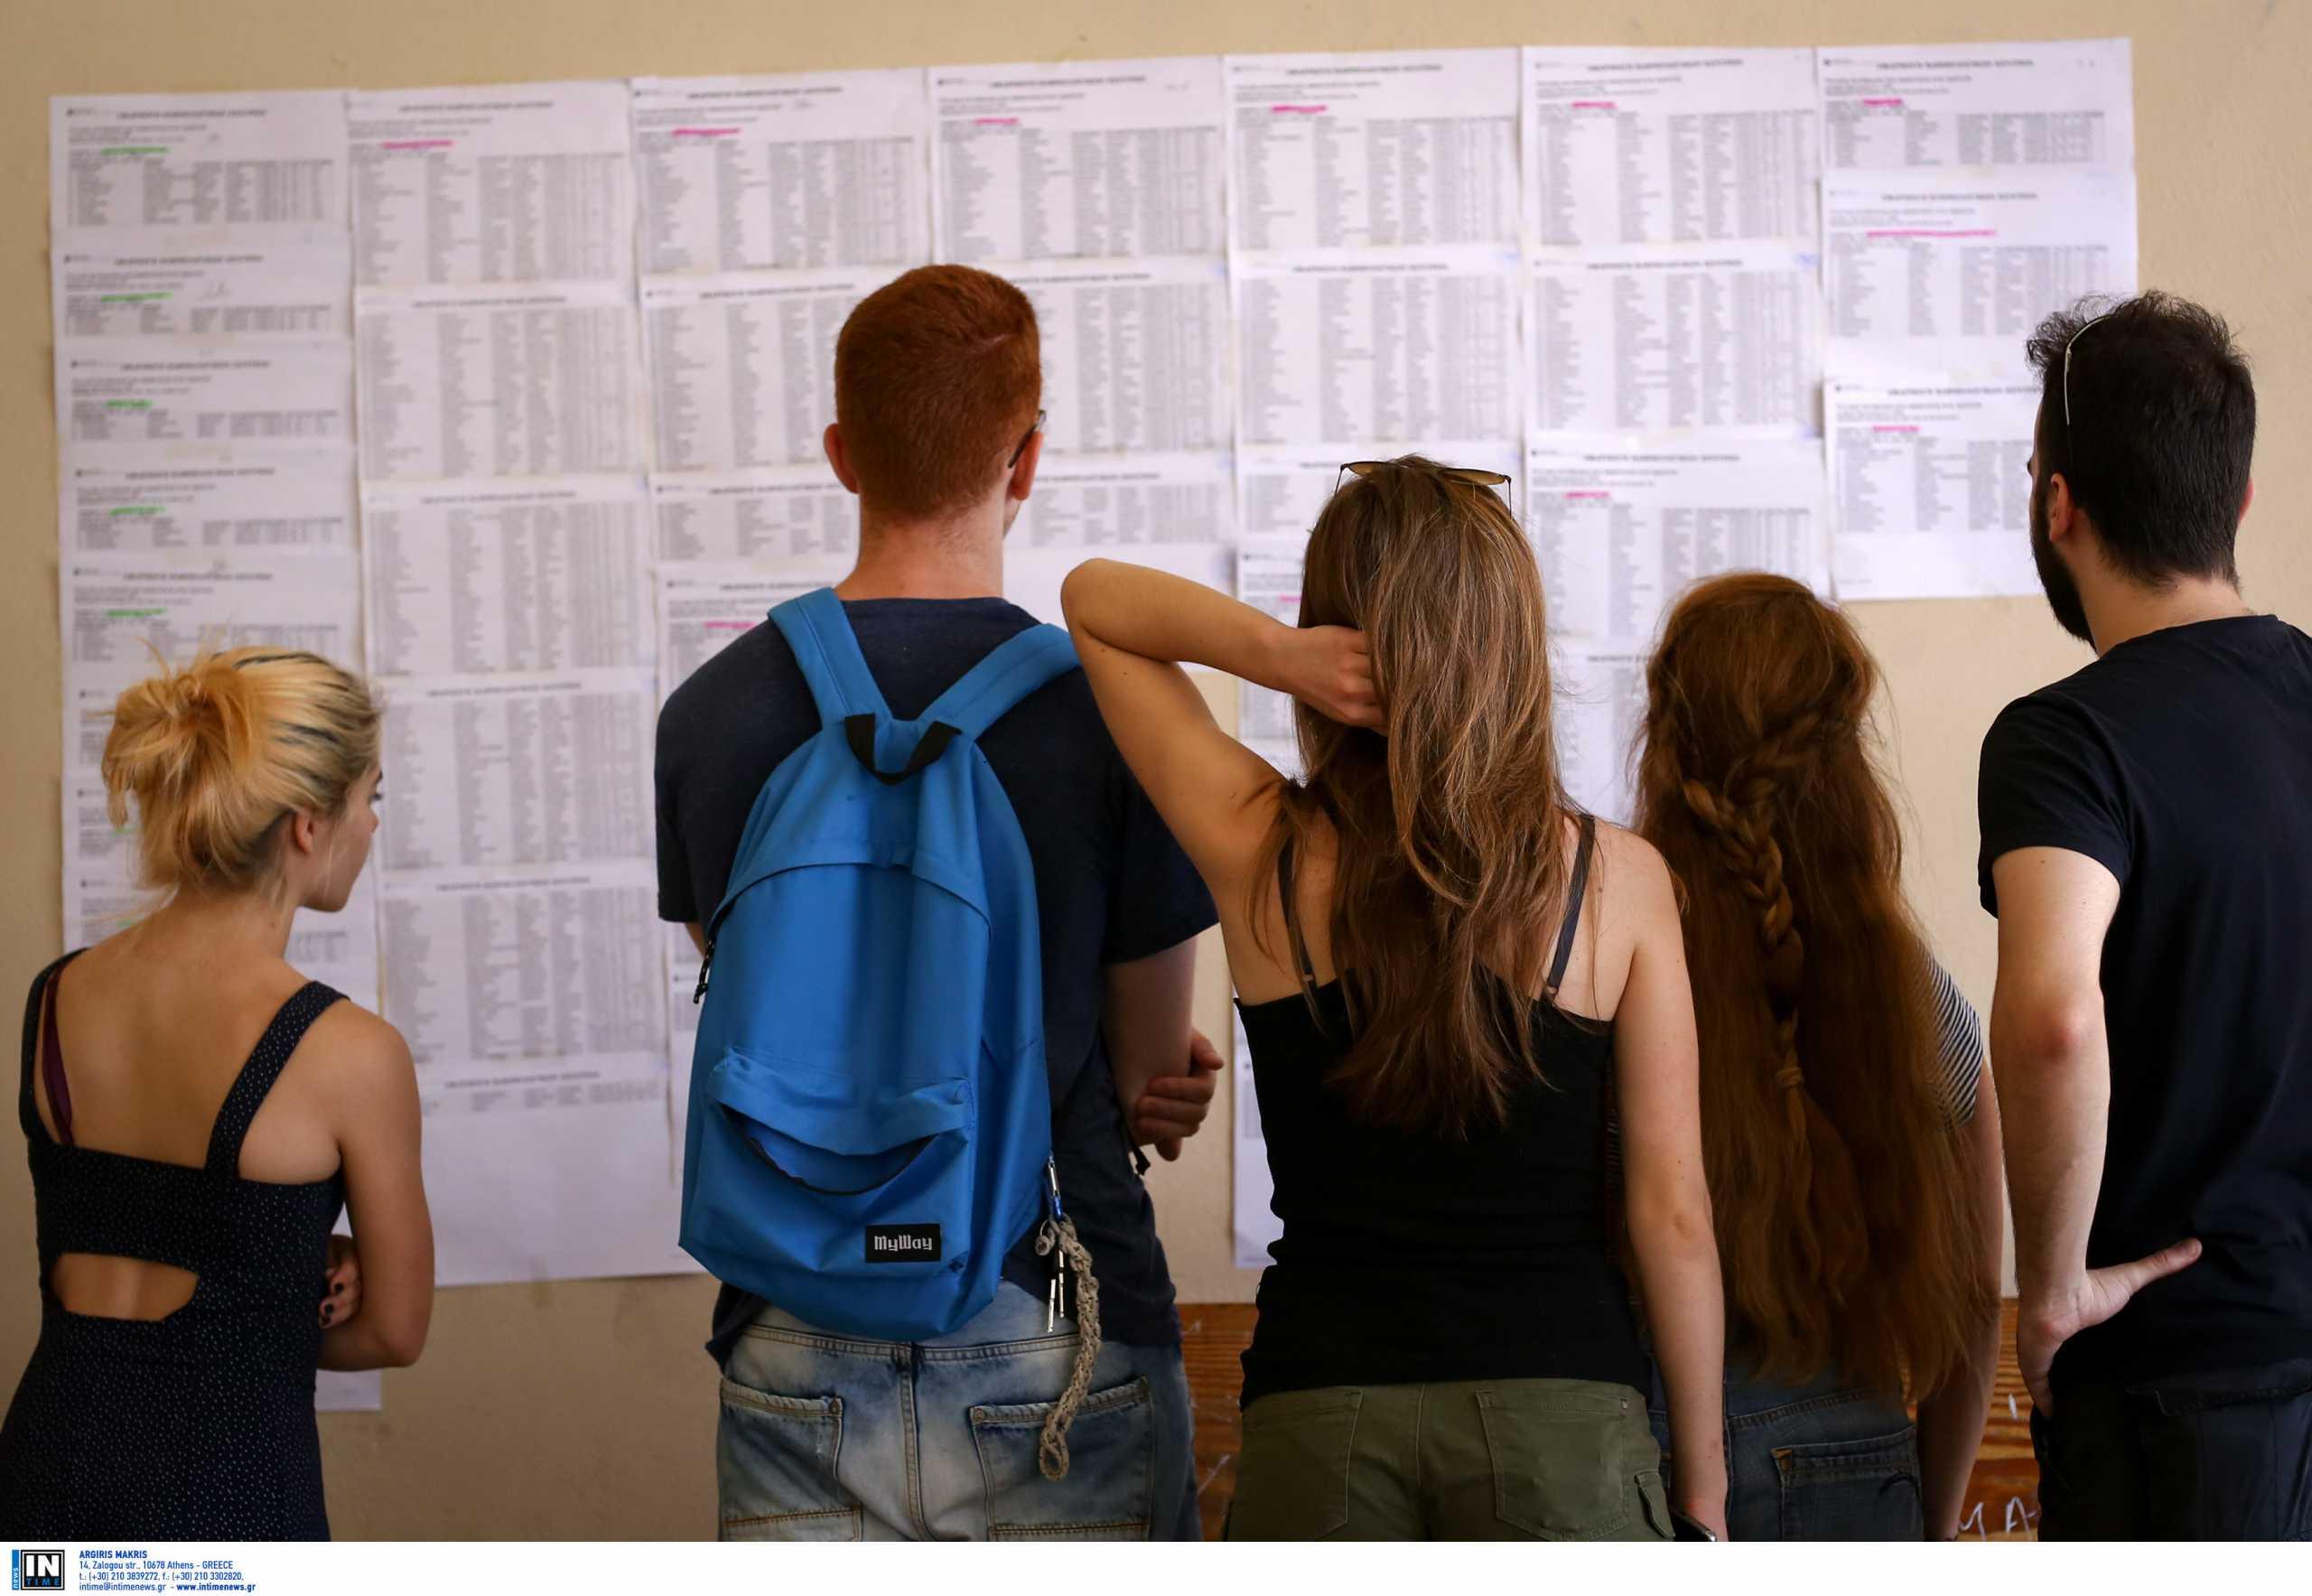 Κατ' εξαίρεση μετεγγραφή φοιτητών: Από 15 ως 23 Δεκεμβρίου οι αιτήσεις